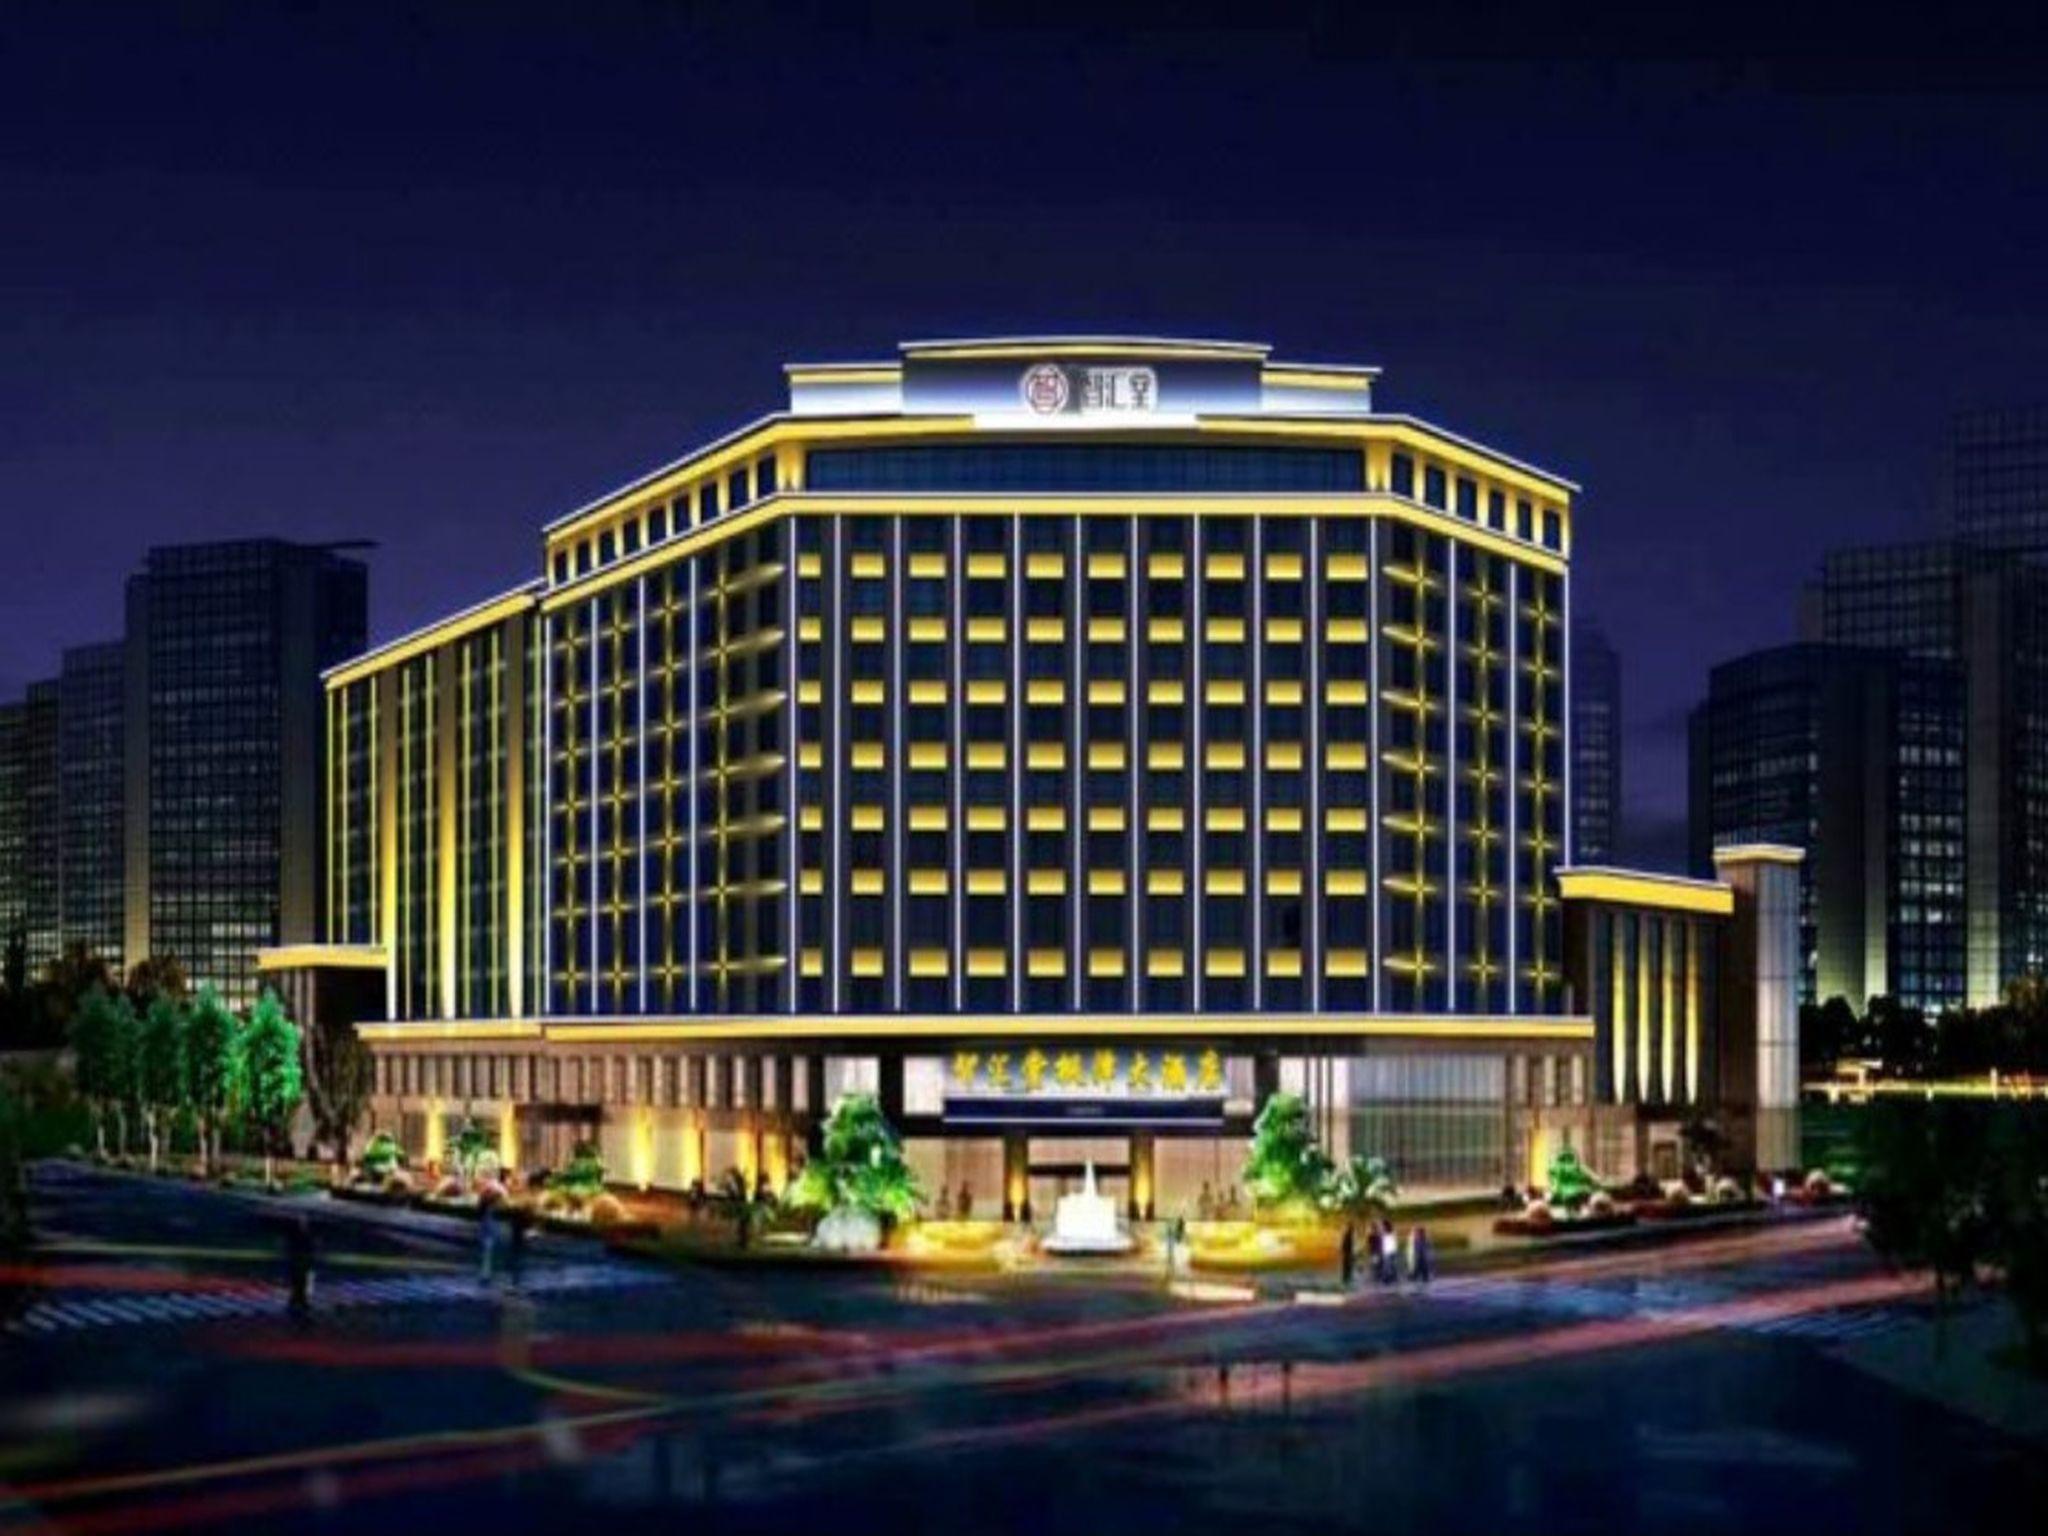 Zhihuitang Fengze Hotel